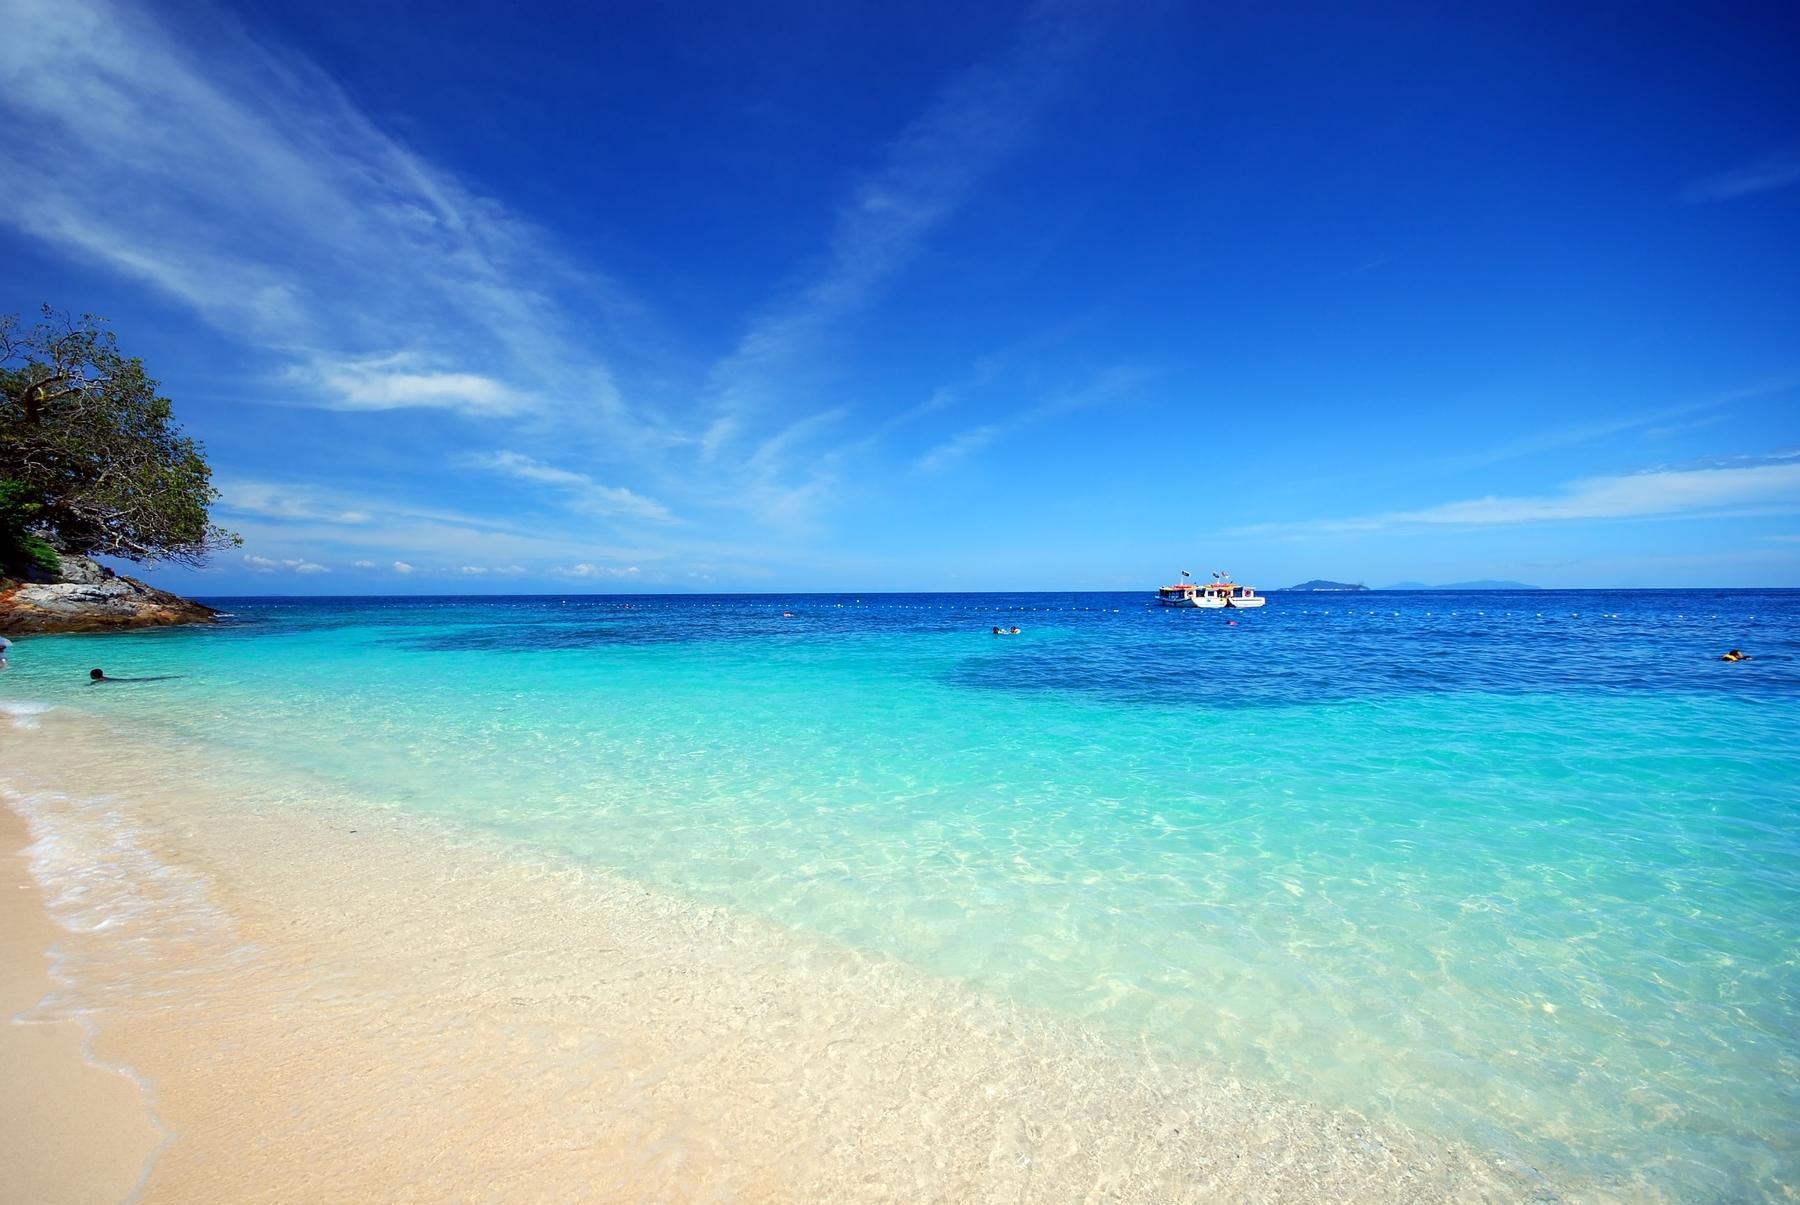 Перхетианские острова в Малайзии — дешевый пляжный отдых в Азии